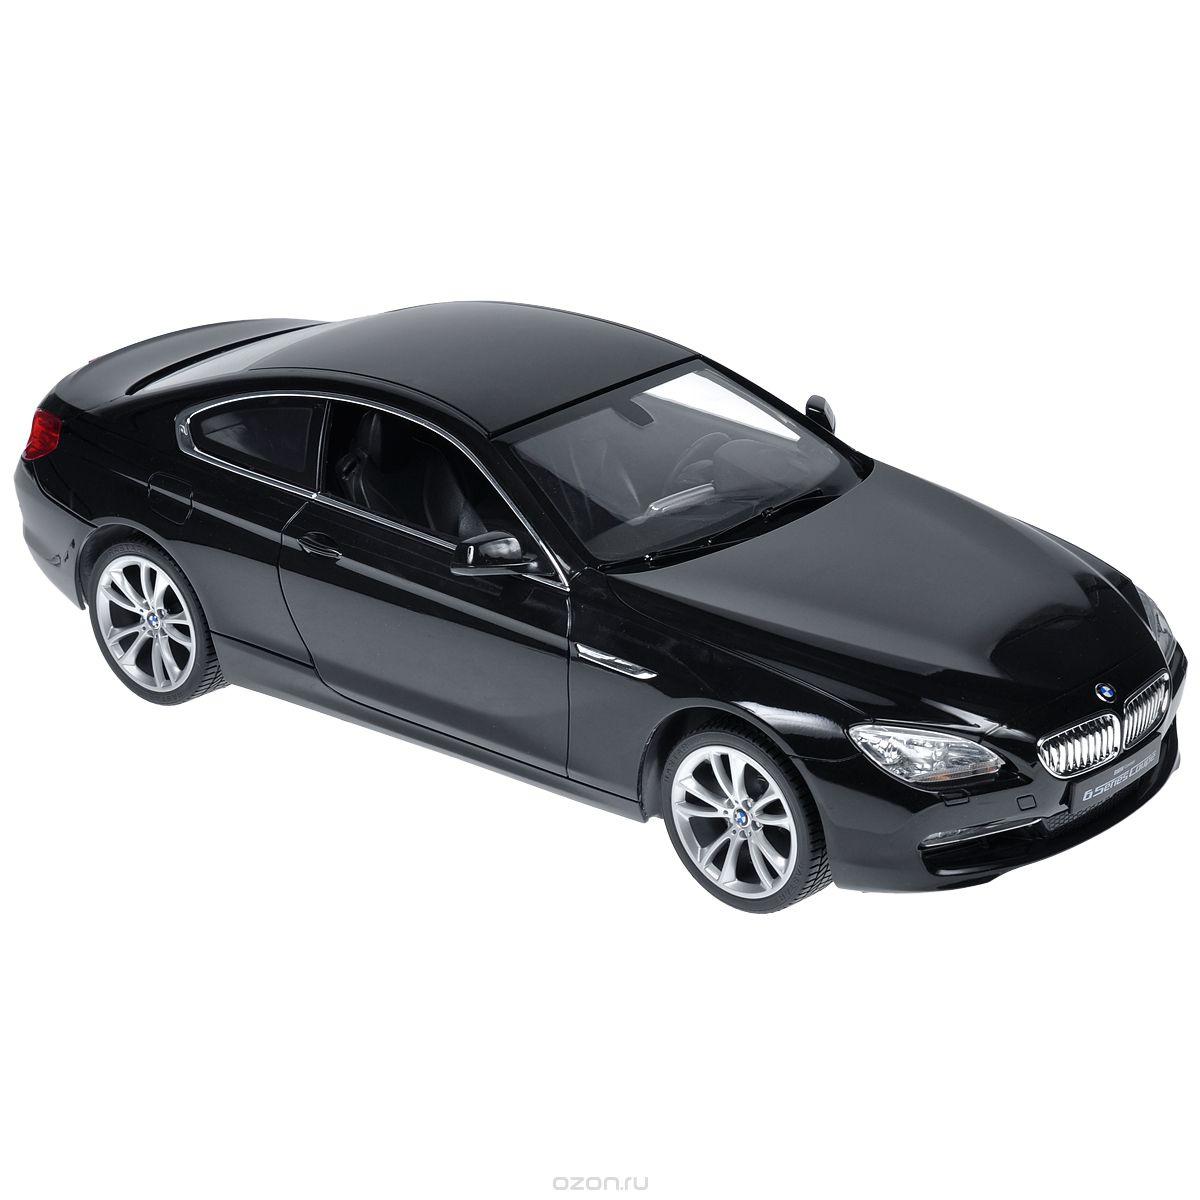 Rastar Радиоуправляемая модель BMW 6S цвет черный #1